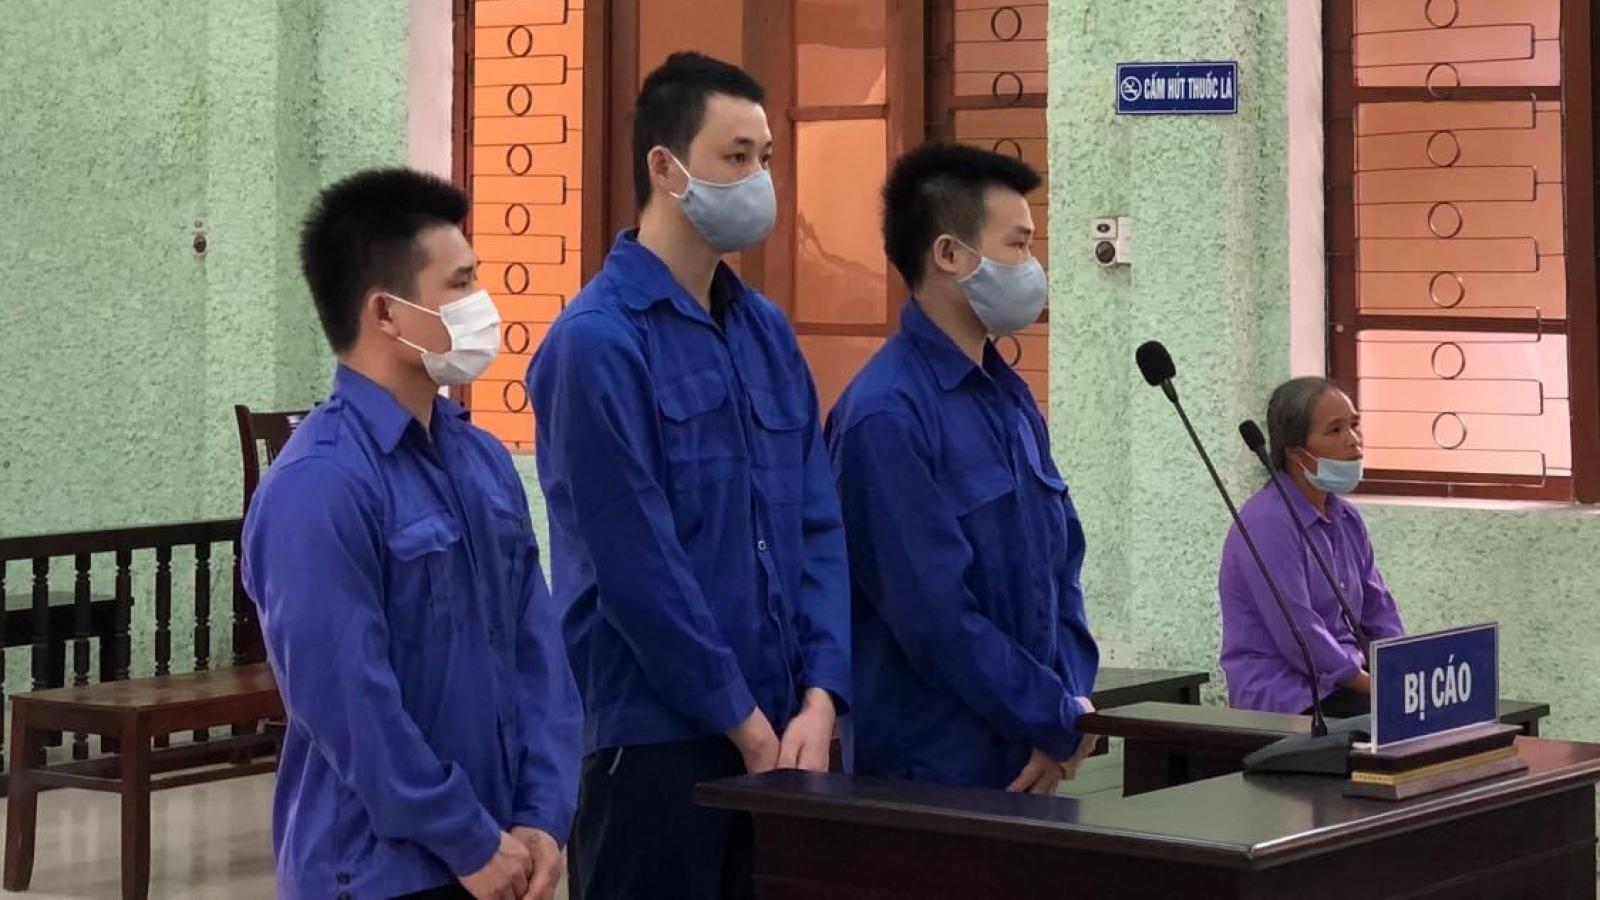 Tổ chức cho người khác xuất cảnh, nhập cảnh trái phép 4 đối tượng lĩnh án 23 năm tù